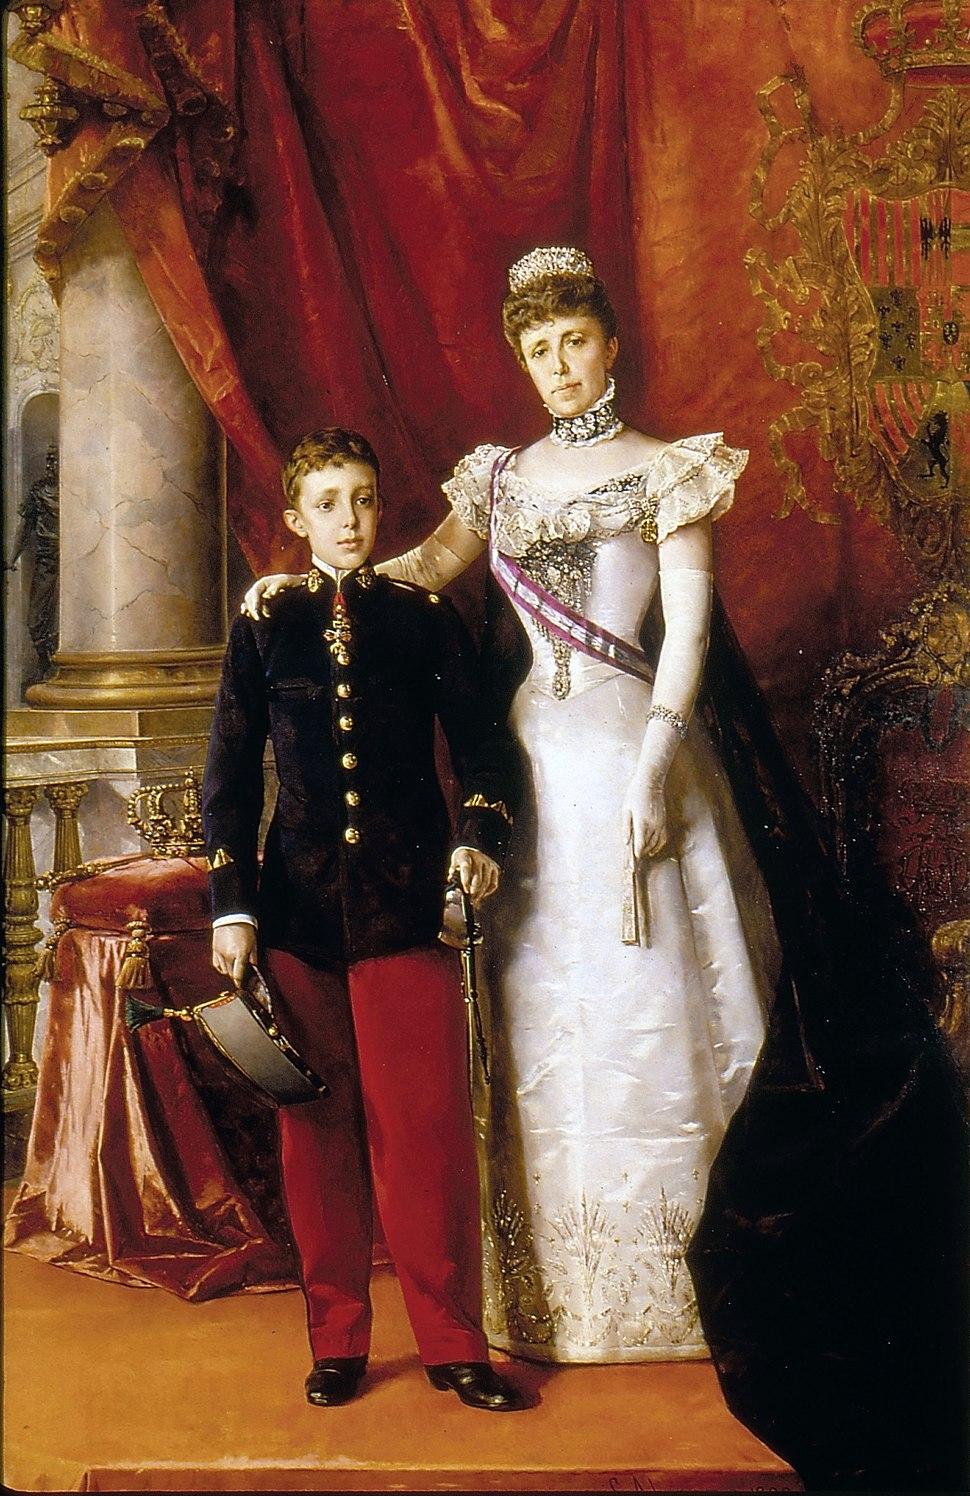 Alfonso XIII y María Cristina Regente. 1898. Luis Alvarez Catalá